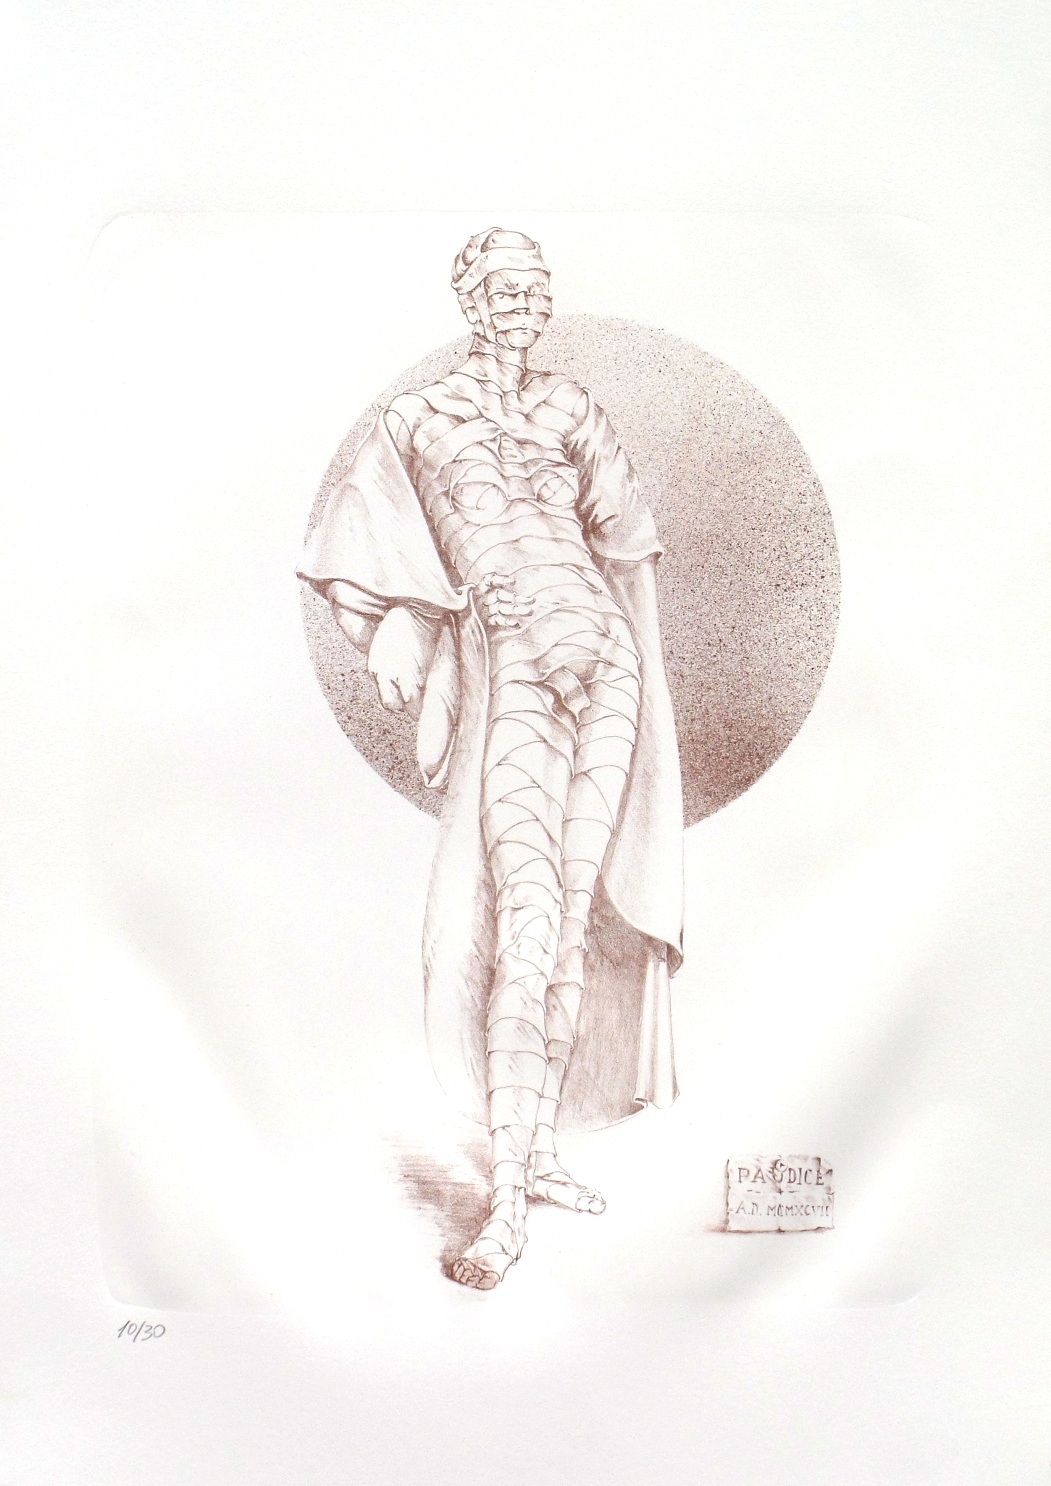 Vincenzo Paudice - Signora con grande mantello ad una festa di beneficenza